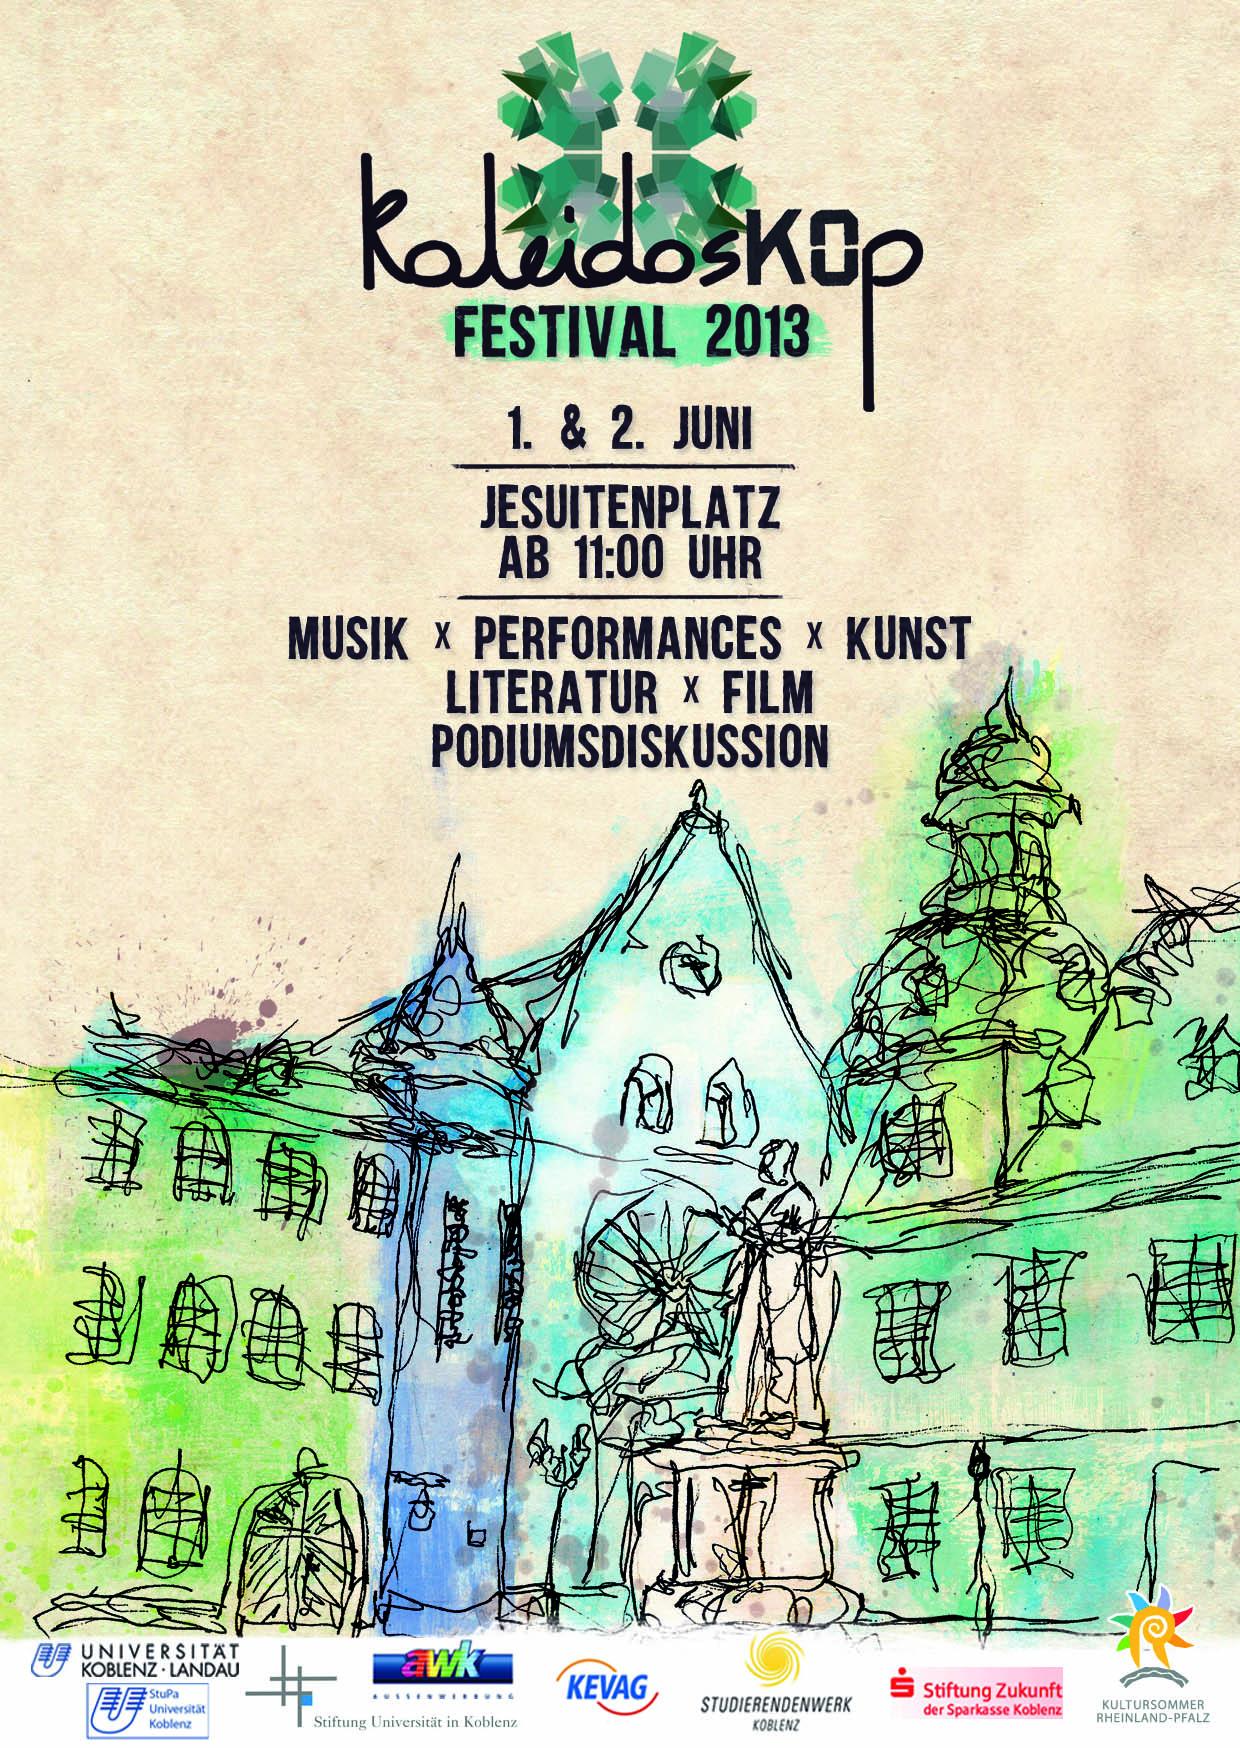 KaleidosKOp Festival bringt studentische Kultur in die Koblenzer Innenstadt